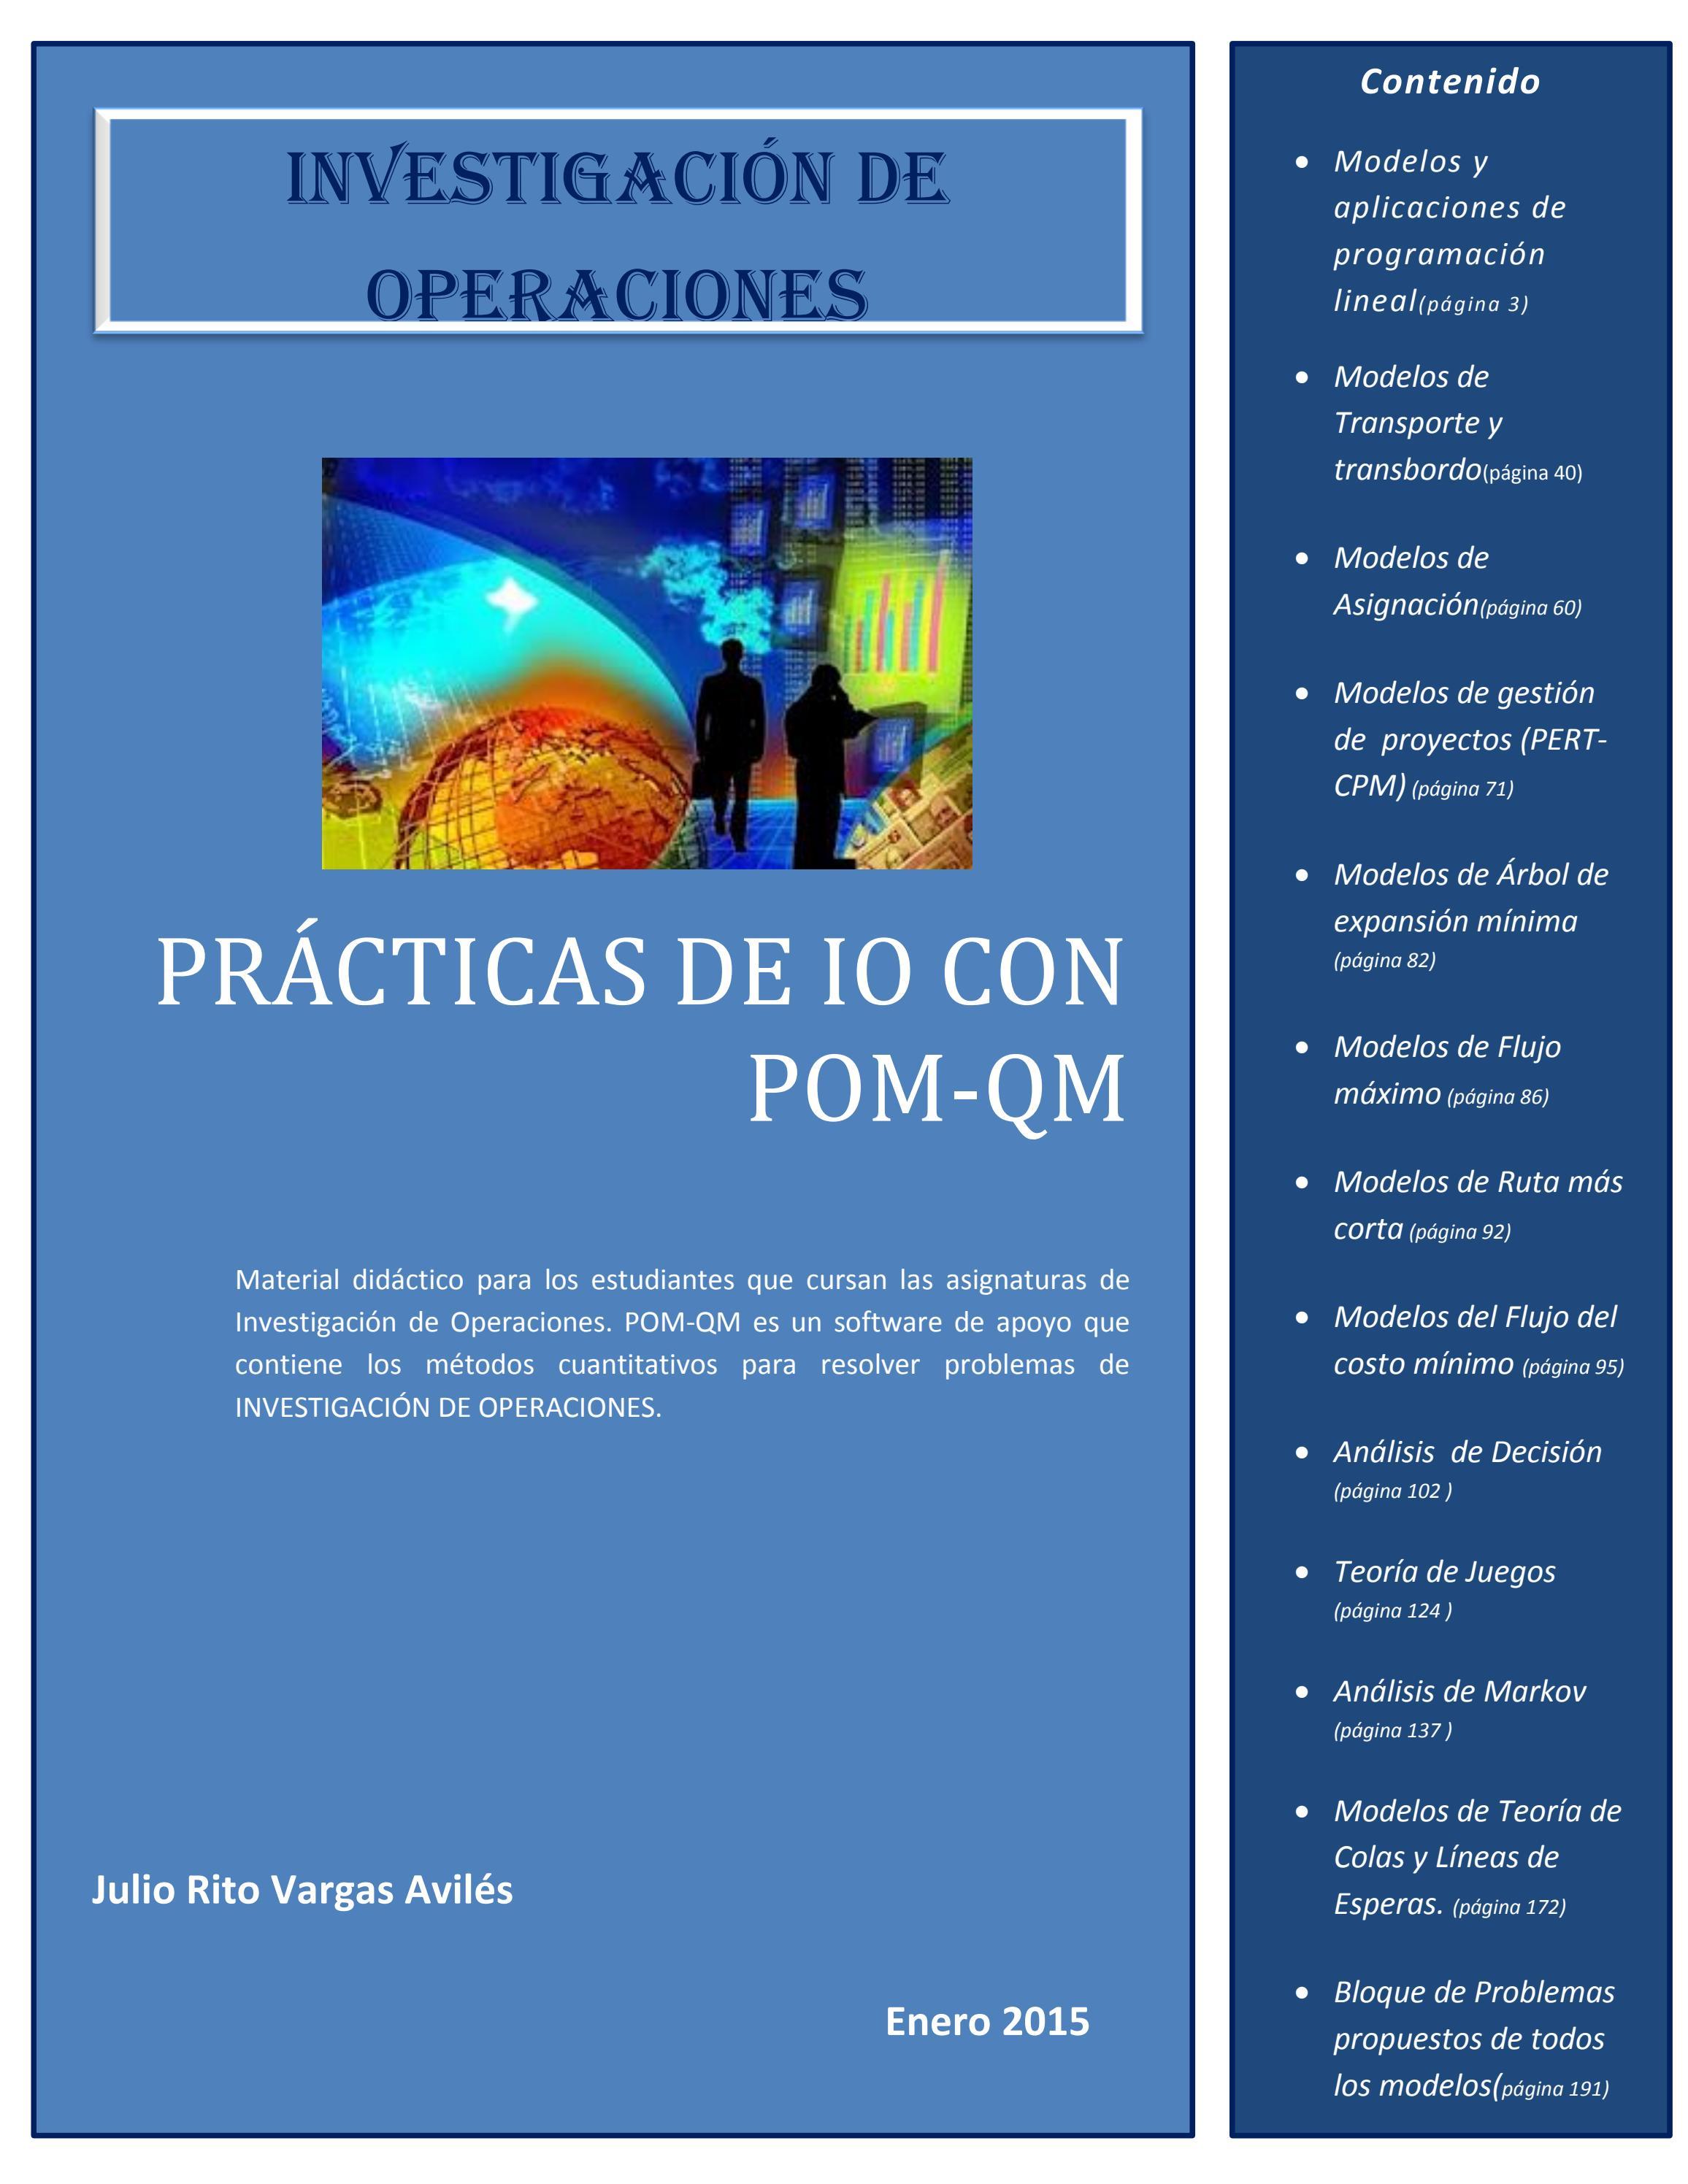 De Investigación Investigación De Operaciones Operaciones Investigación Prácticas Prácticas Prácticas De Investigación De Operaciones Prácticas 08PnOXkw